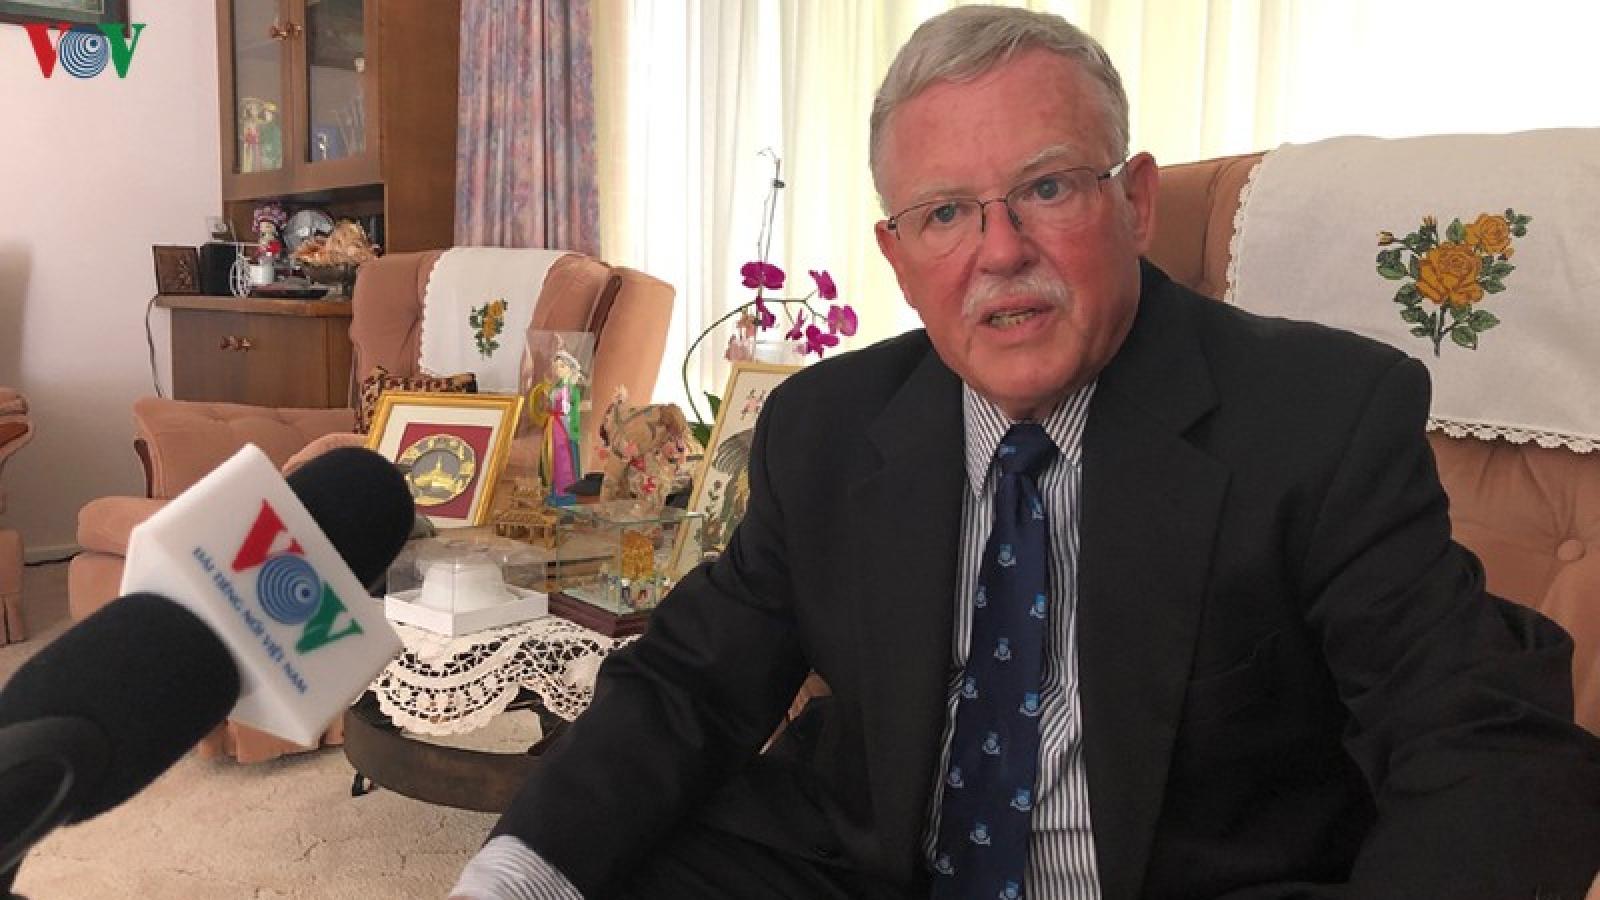 Giáo sư Carl Thayer: Việt Nam tạo ra lợi ích song trùng khi gia nhập ASEAN